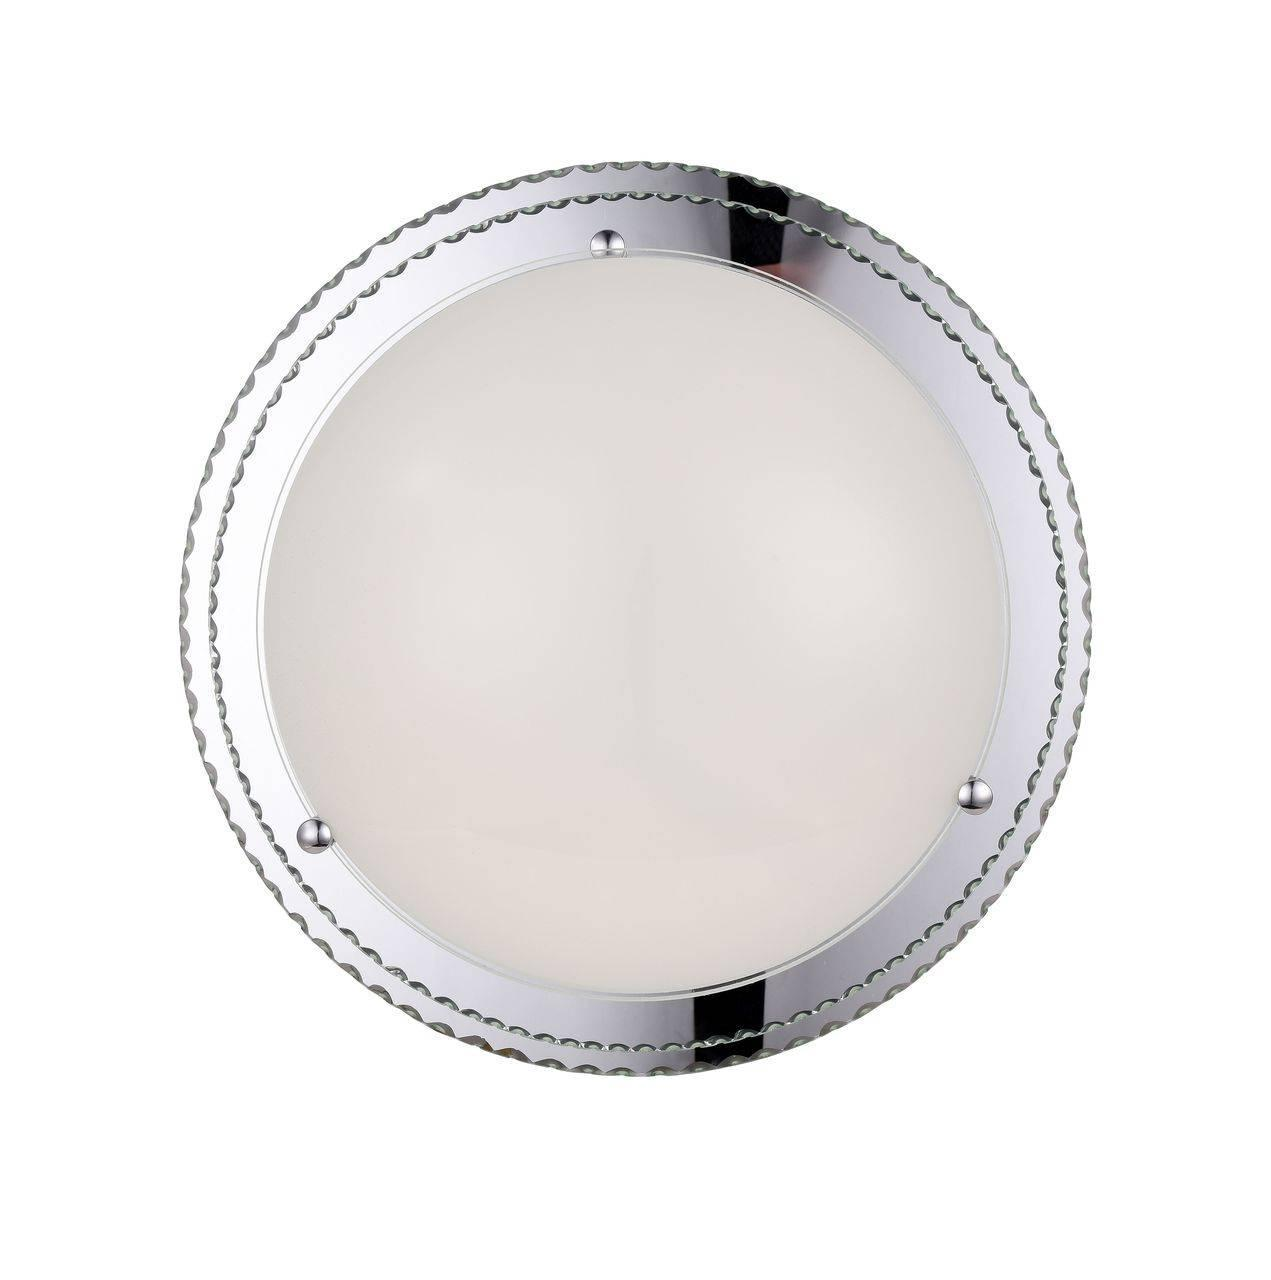 Потолочный светодиодный светильник ST Luce Universale SL494.512.01 настенно потолочный светильник st luce universale sl494 512 01